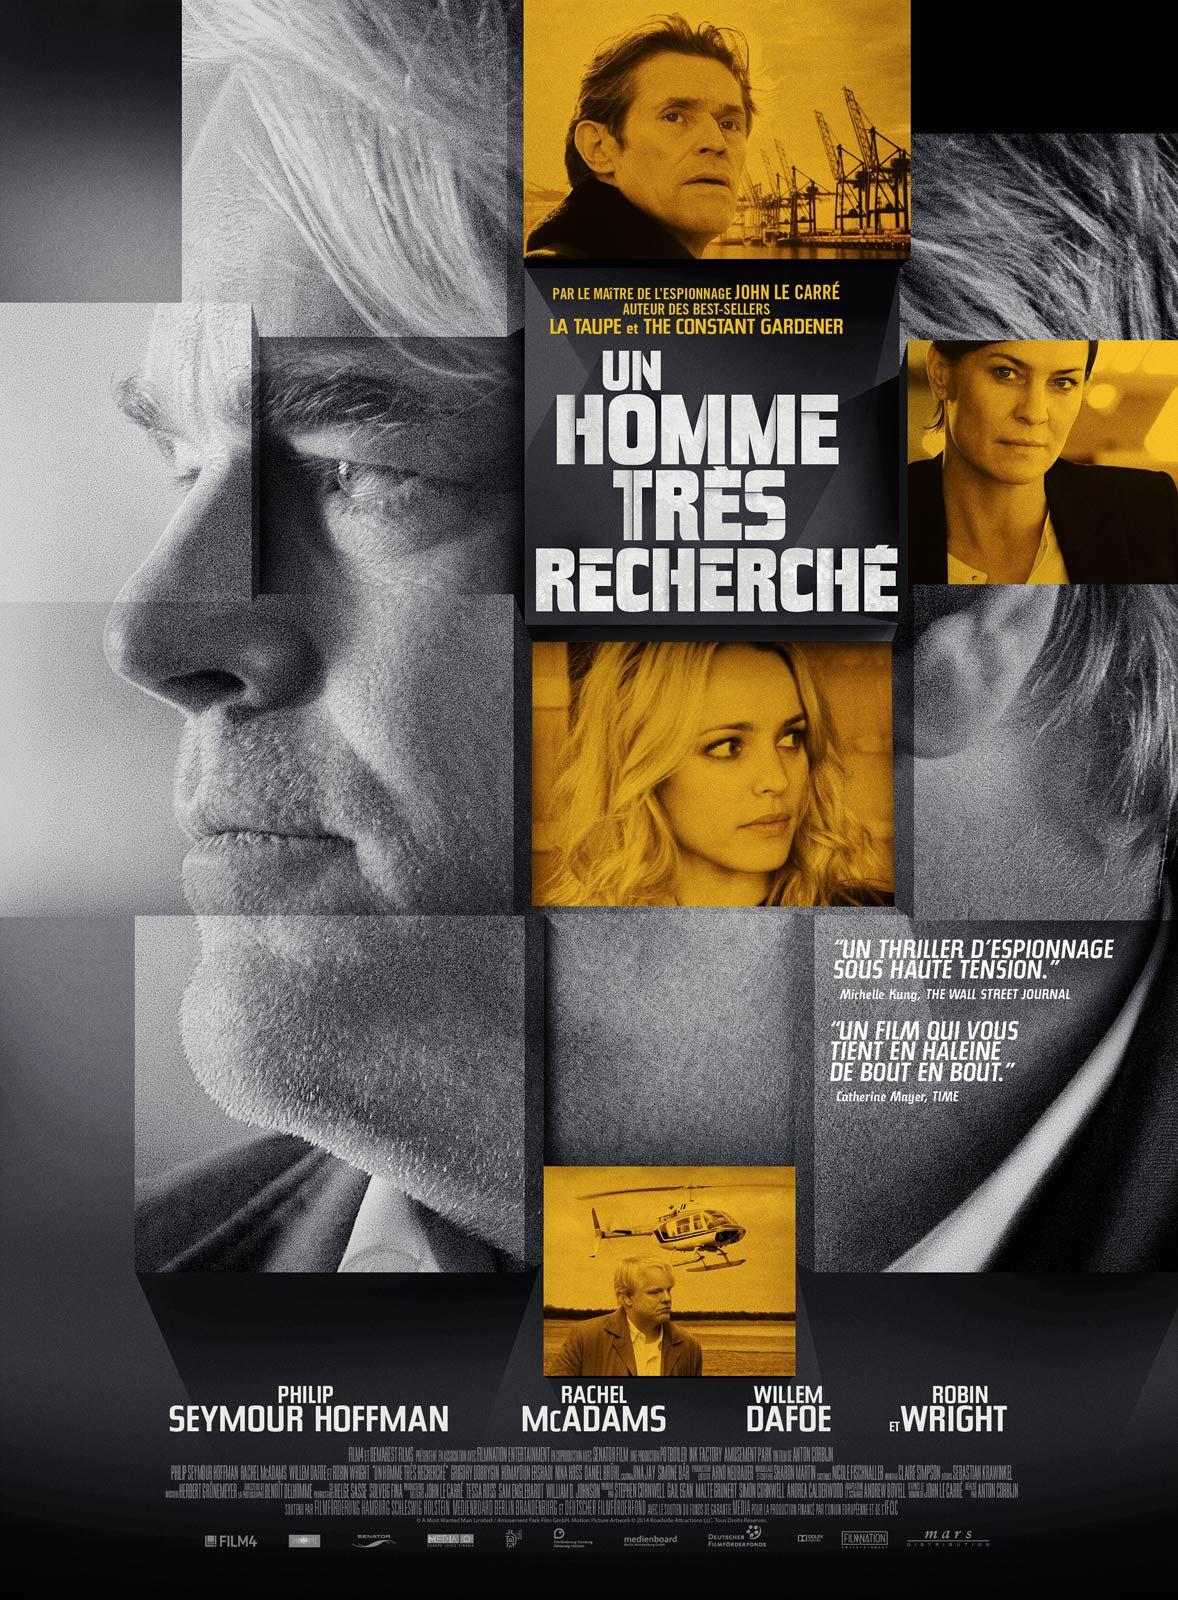 Un homme très recherché - Film (2014)